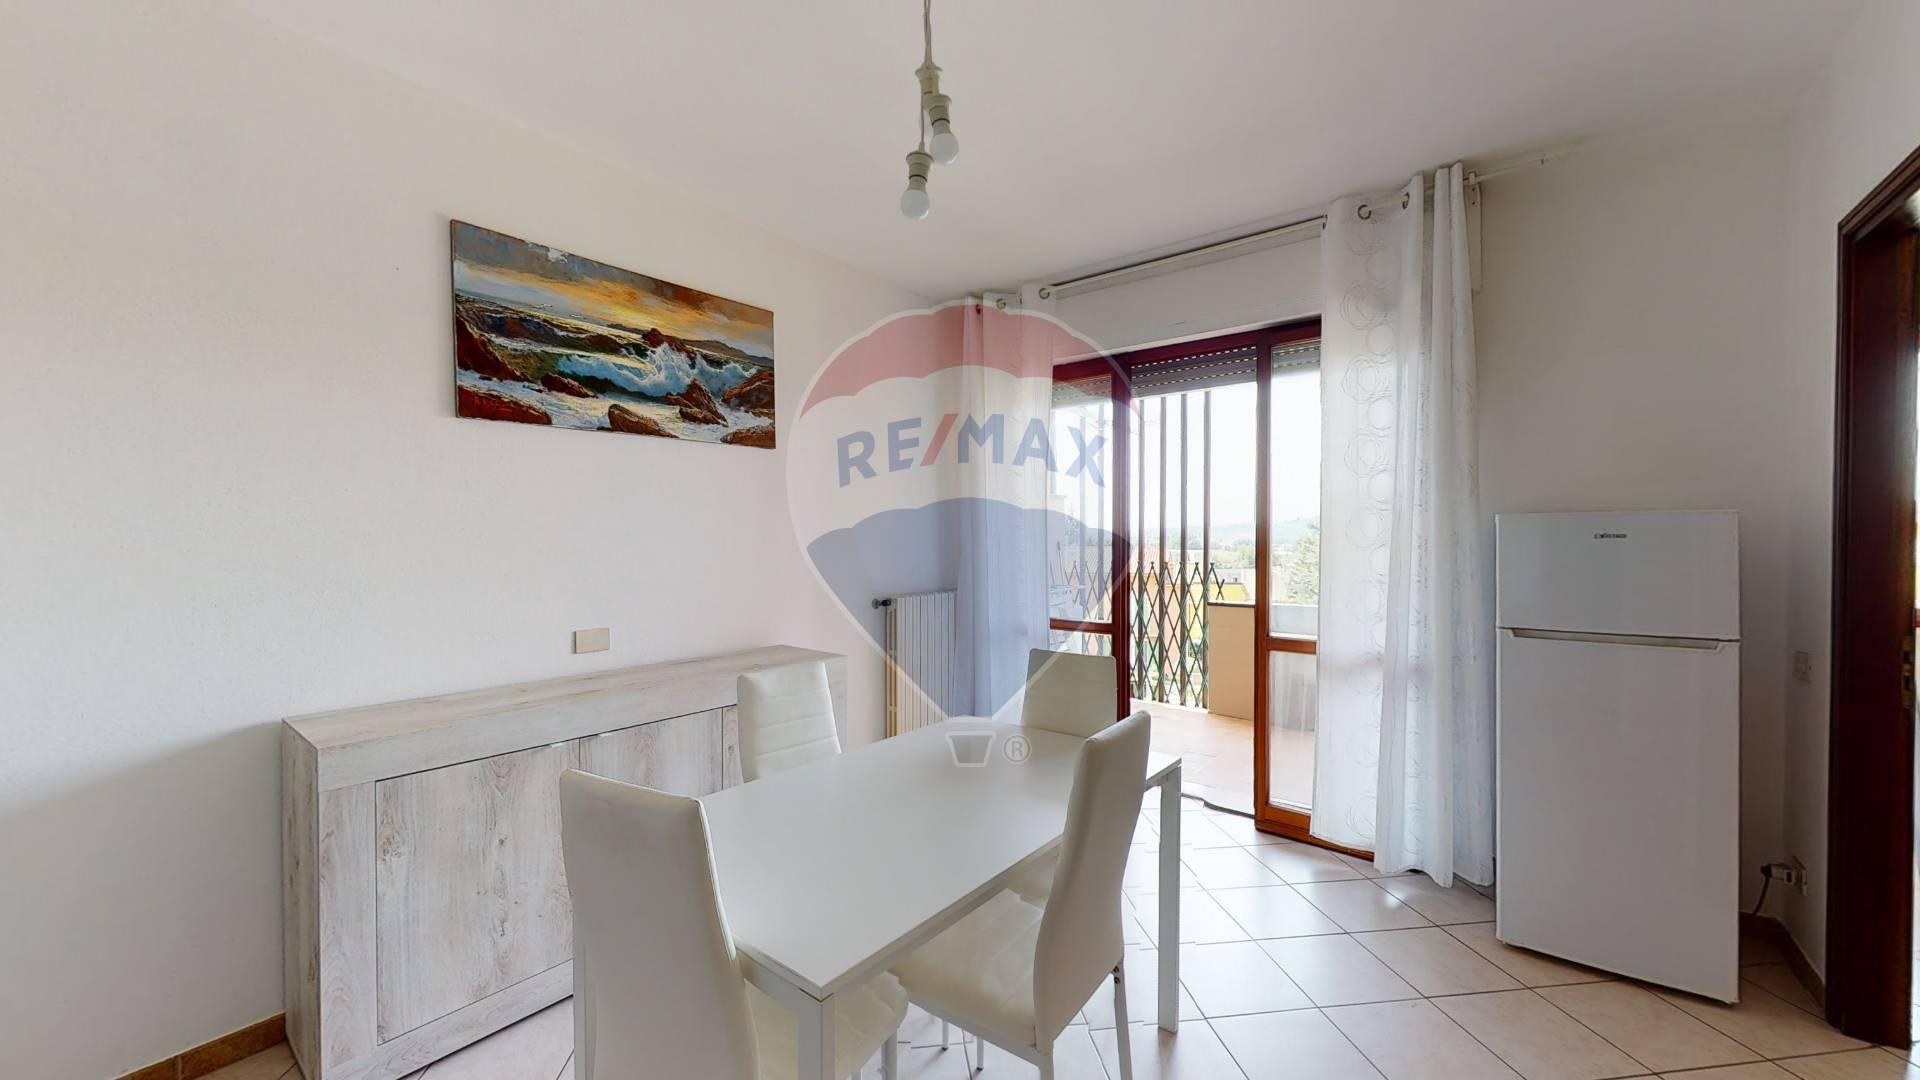 Appartamento in vendita a Uzzano, 2 locali, prezzo € 78.000   PortaleAgenzieImmobiliari.it